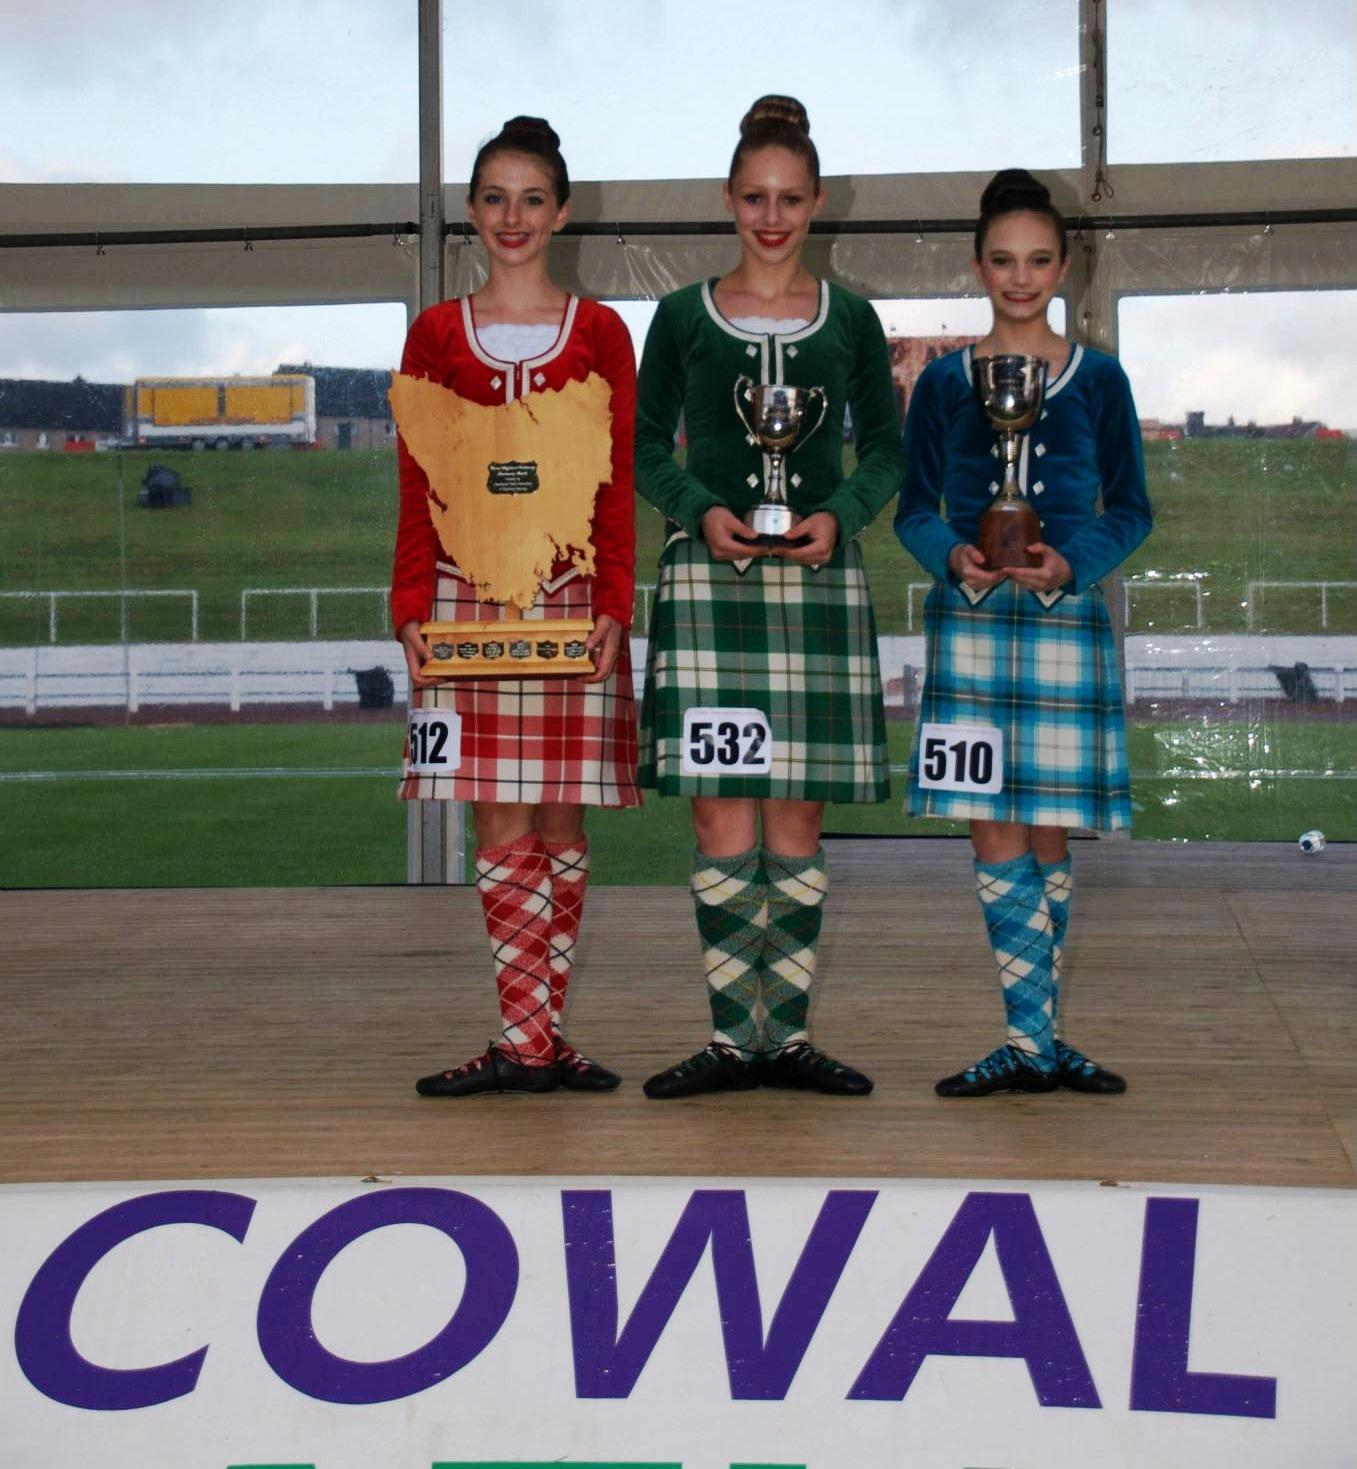 Cowal, 2014